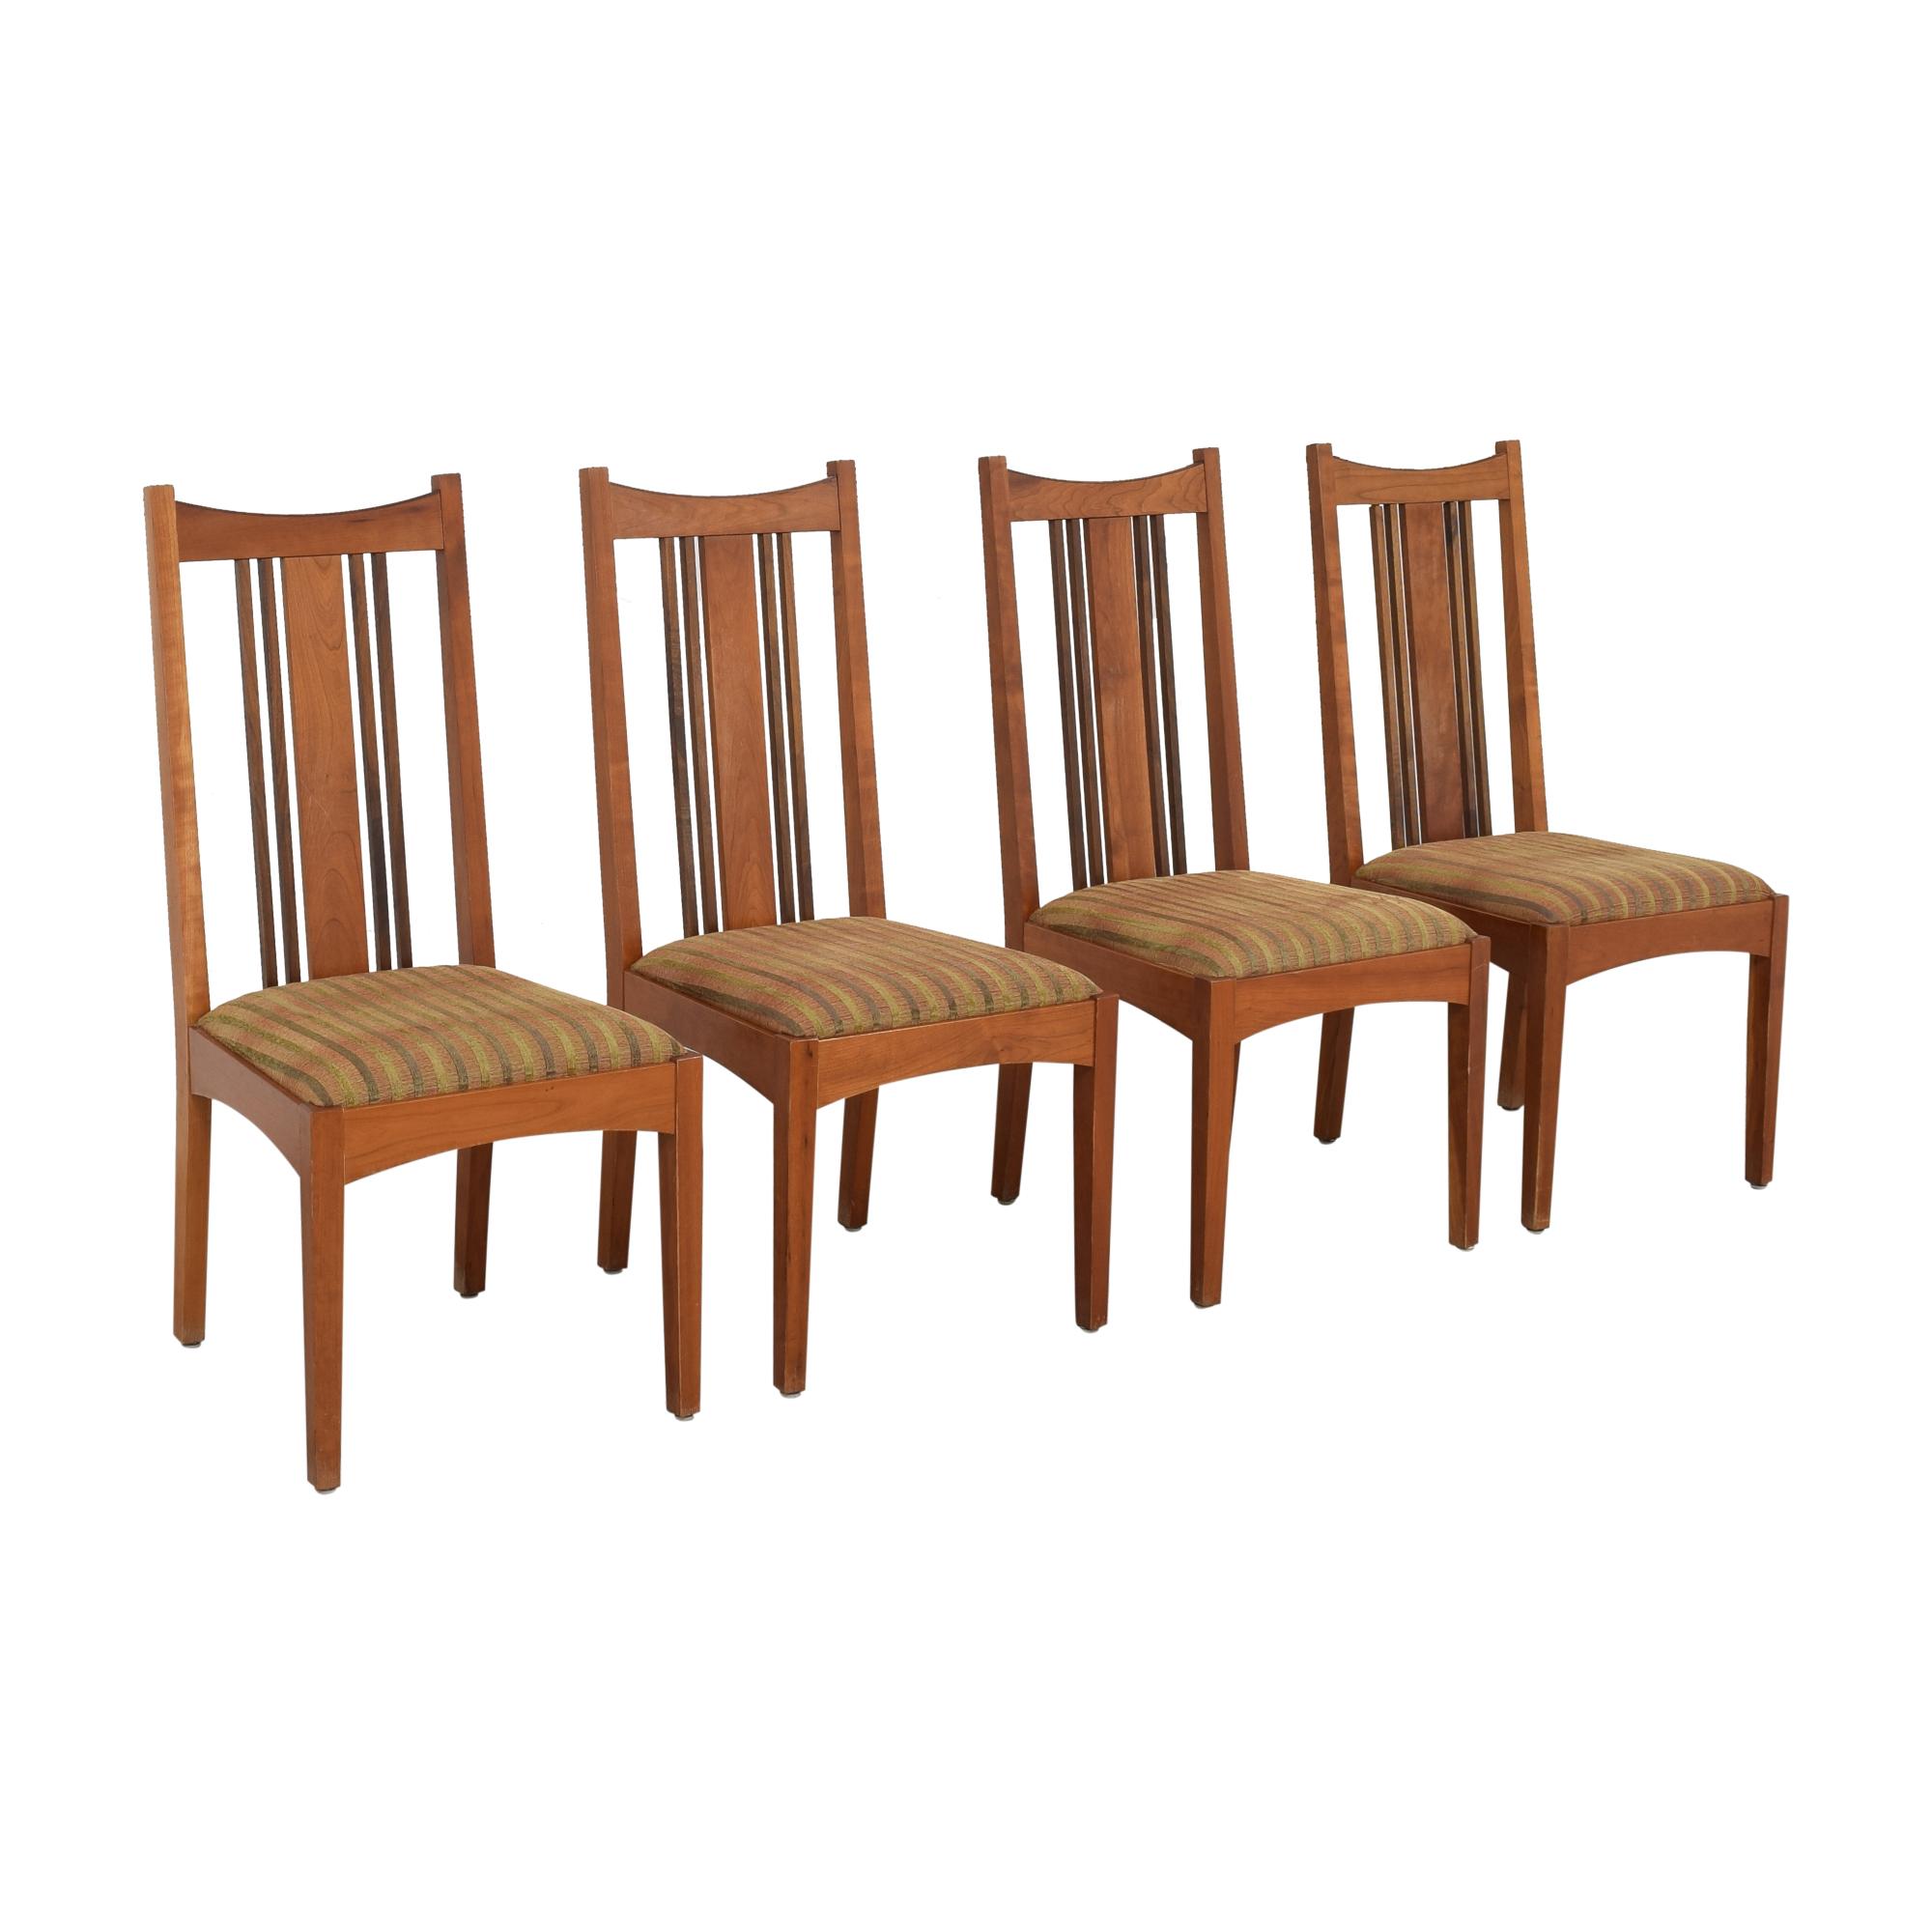 Stickley Furniture Stickley Furniture Metropolitan Side Chair discount